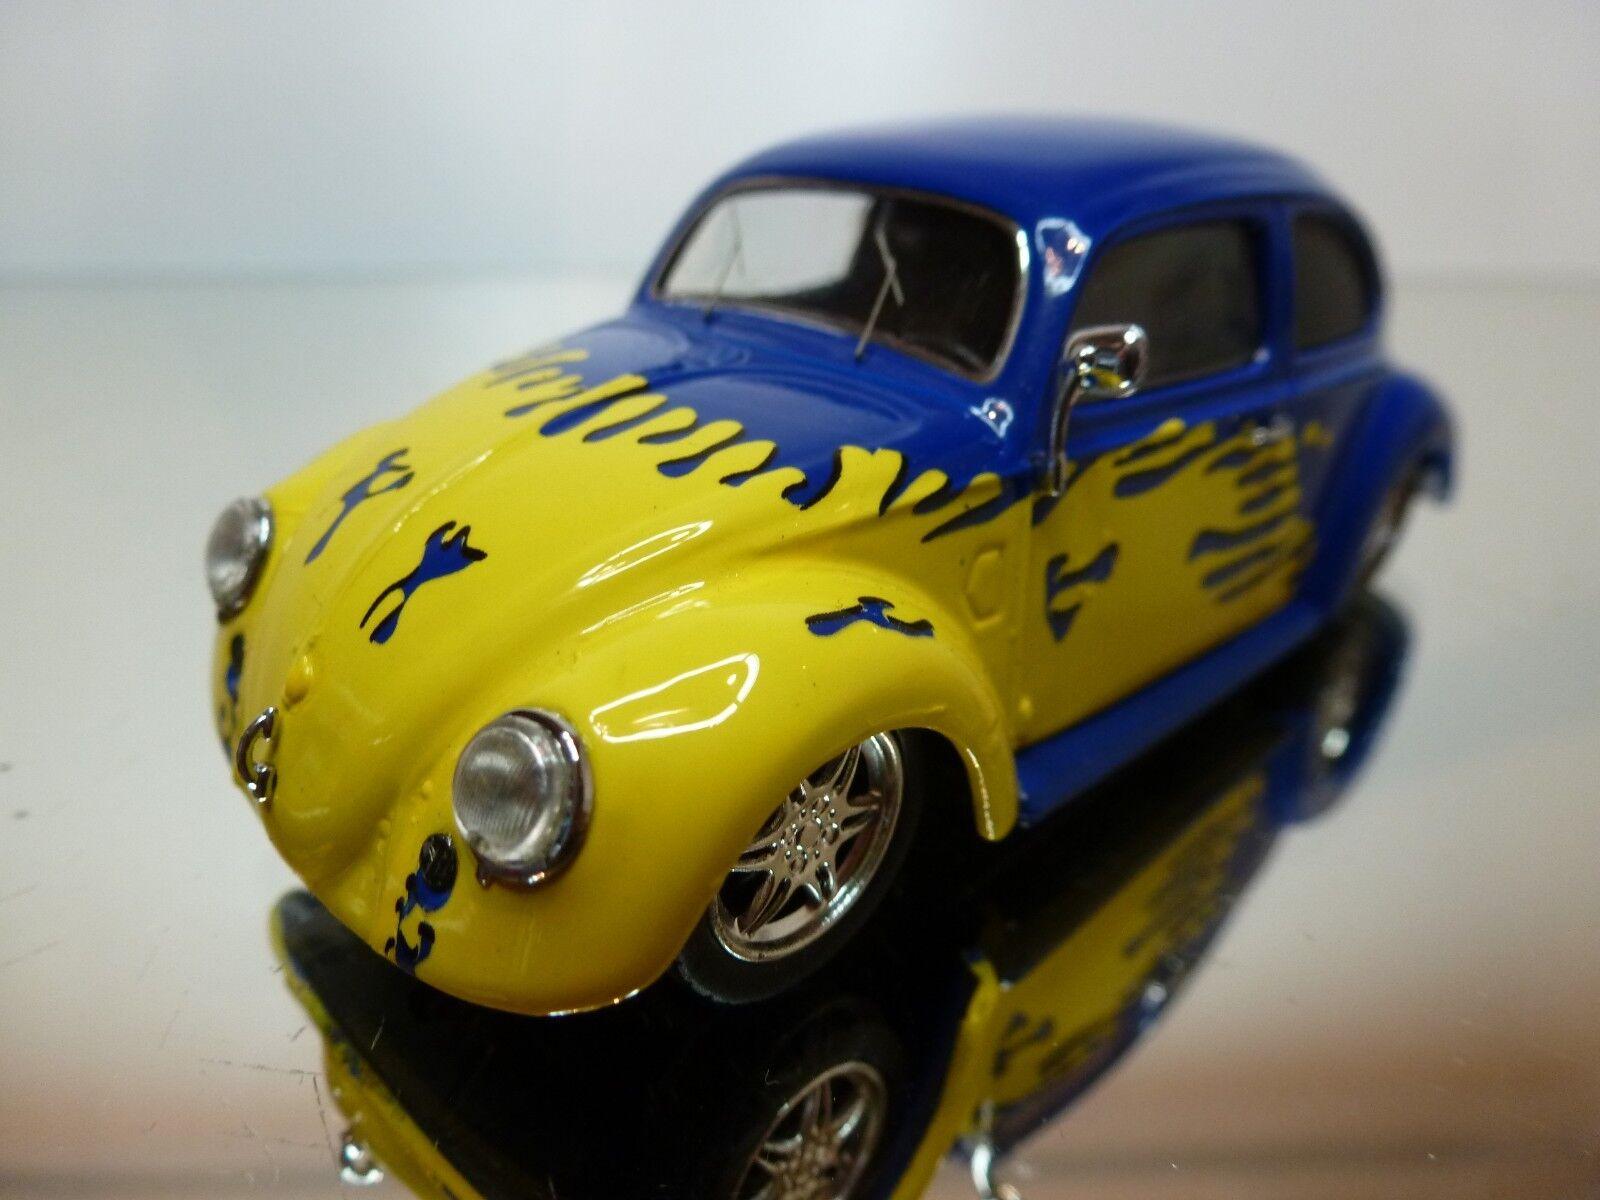 SCHUCO VW VOLKSWAGEN BEETLE 1951 - SPLIT WINDOW - blueE 1 43 - EXCELLENT 11 12